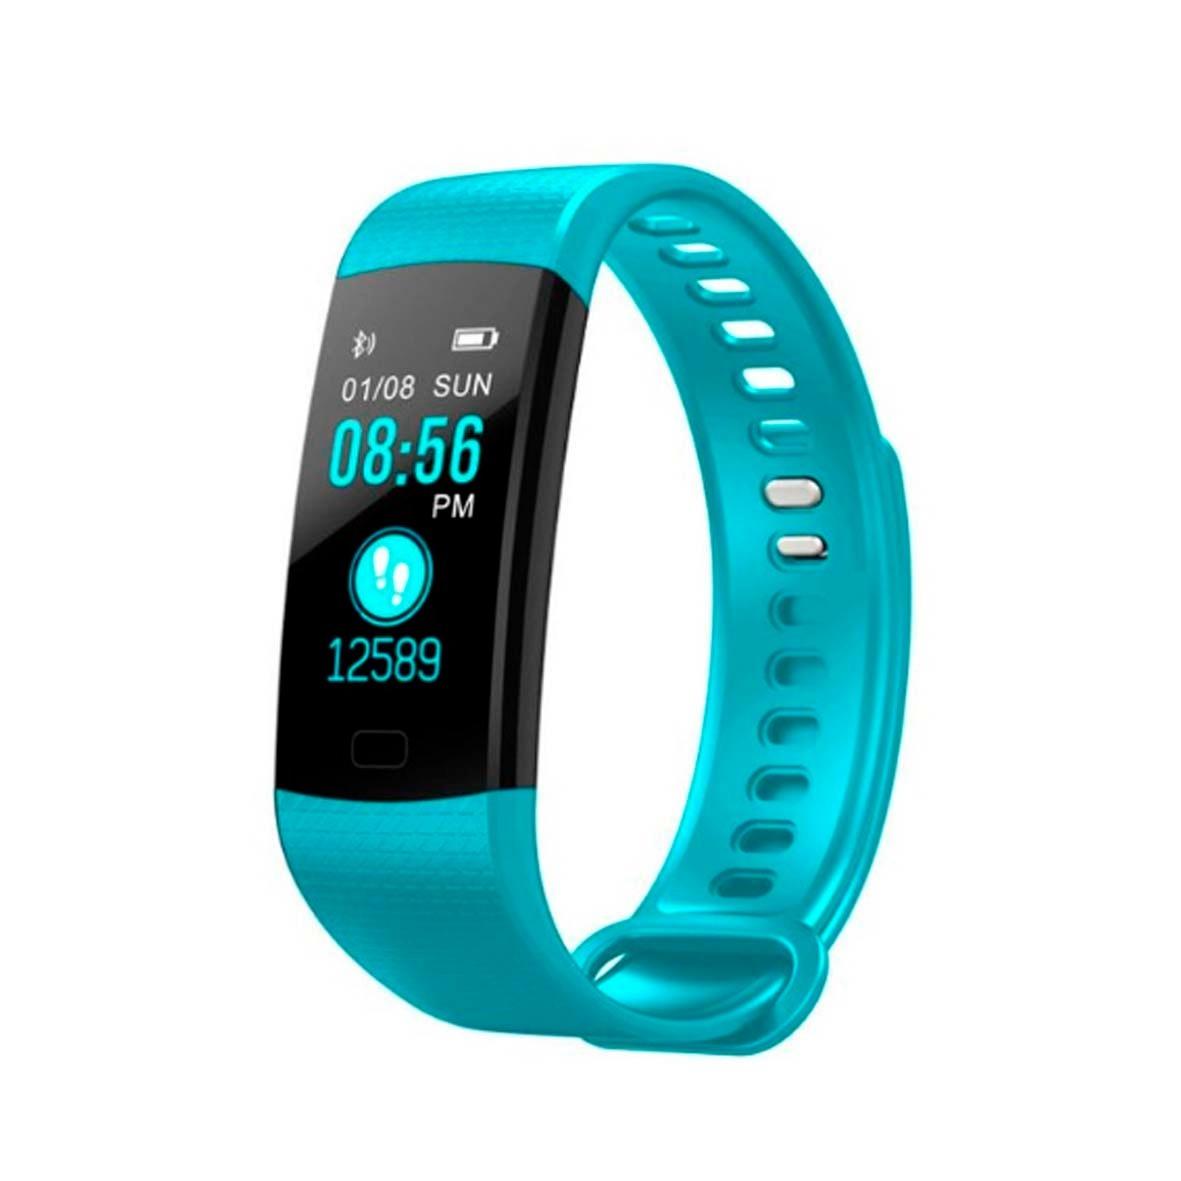 66e8942a0e2 relógio inteligente pulseira smart y5 usb melhor que mi band. Carregando  zoom.